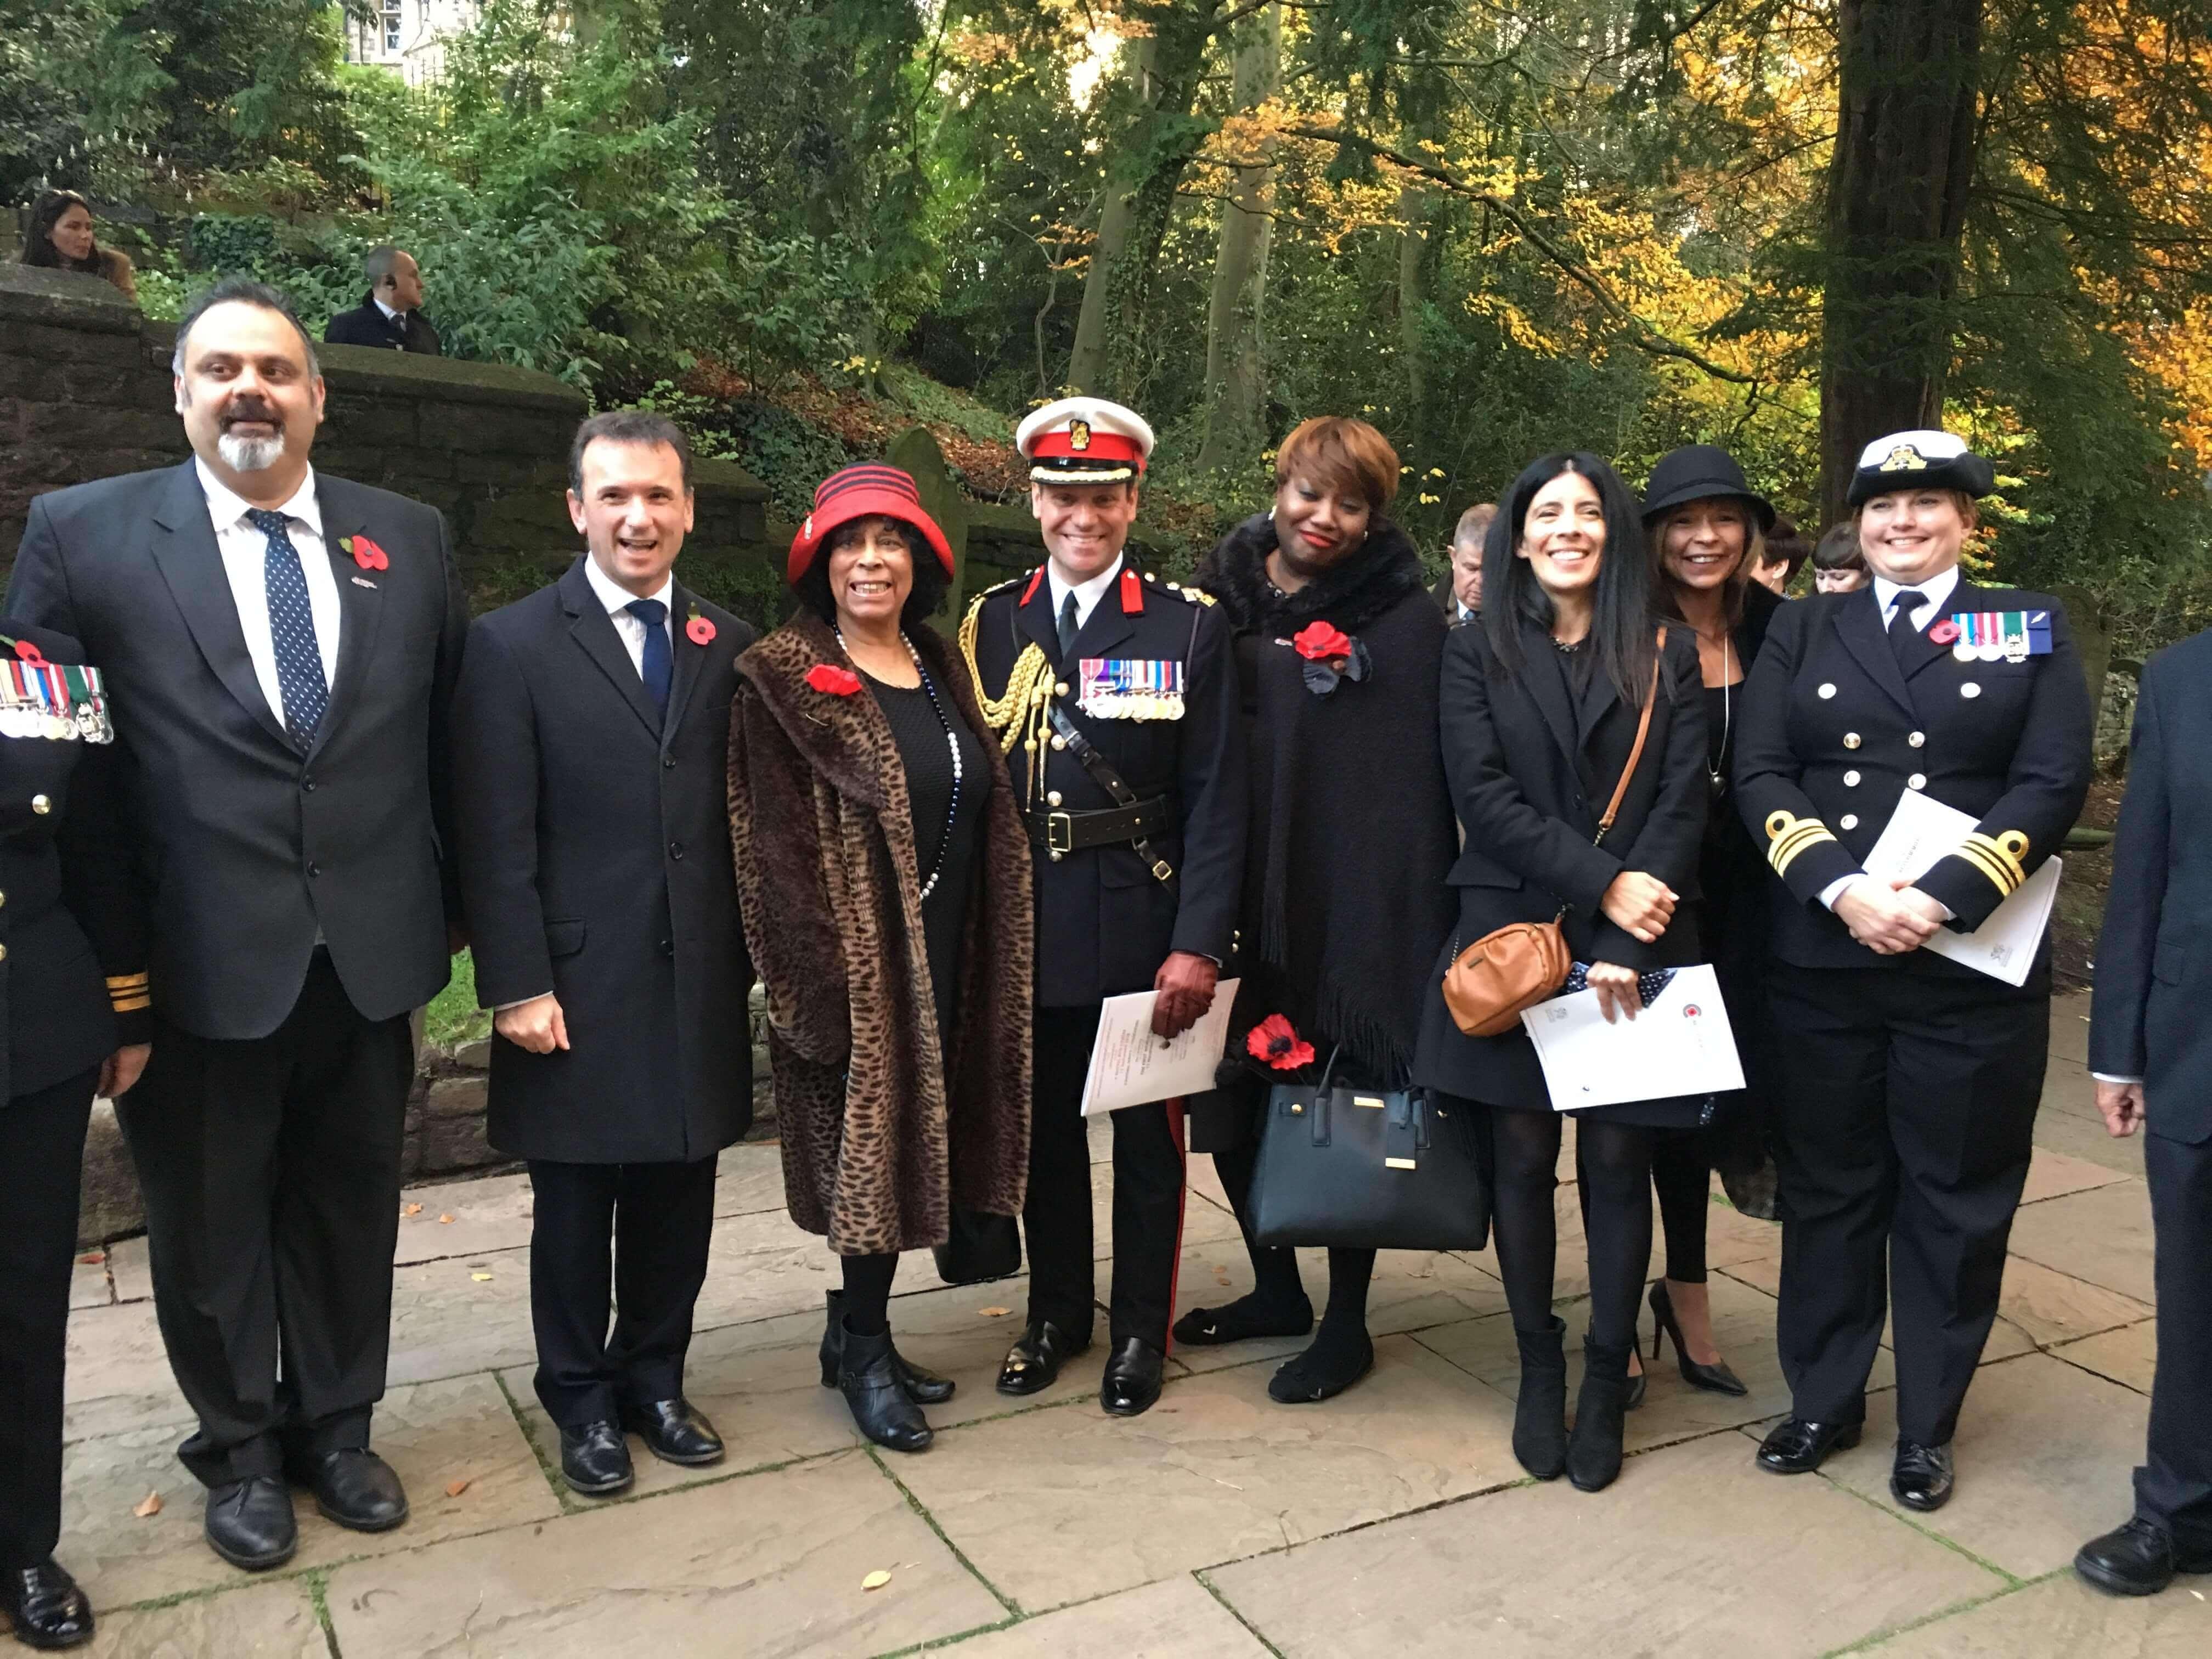 race council cymru windrush cymru elders 2019 visit to arboretum dday img1